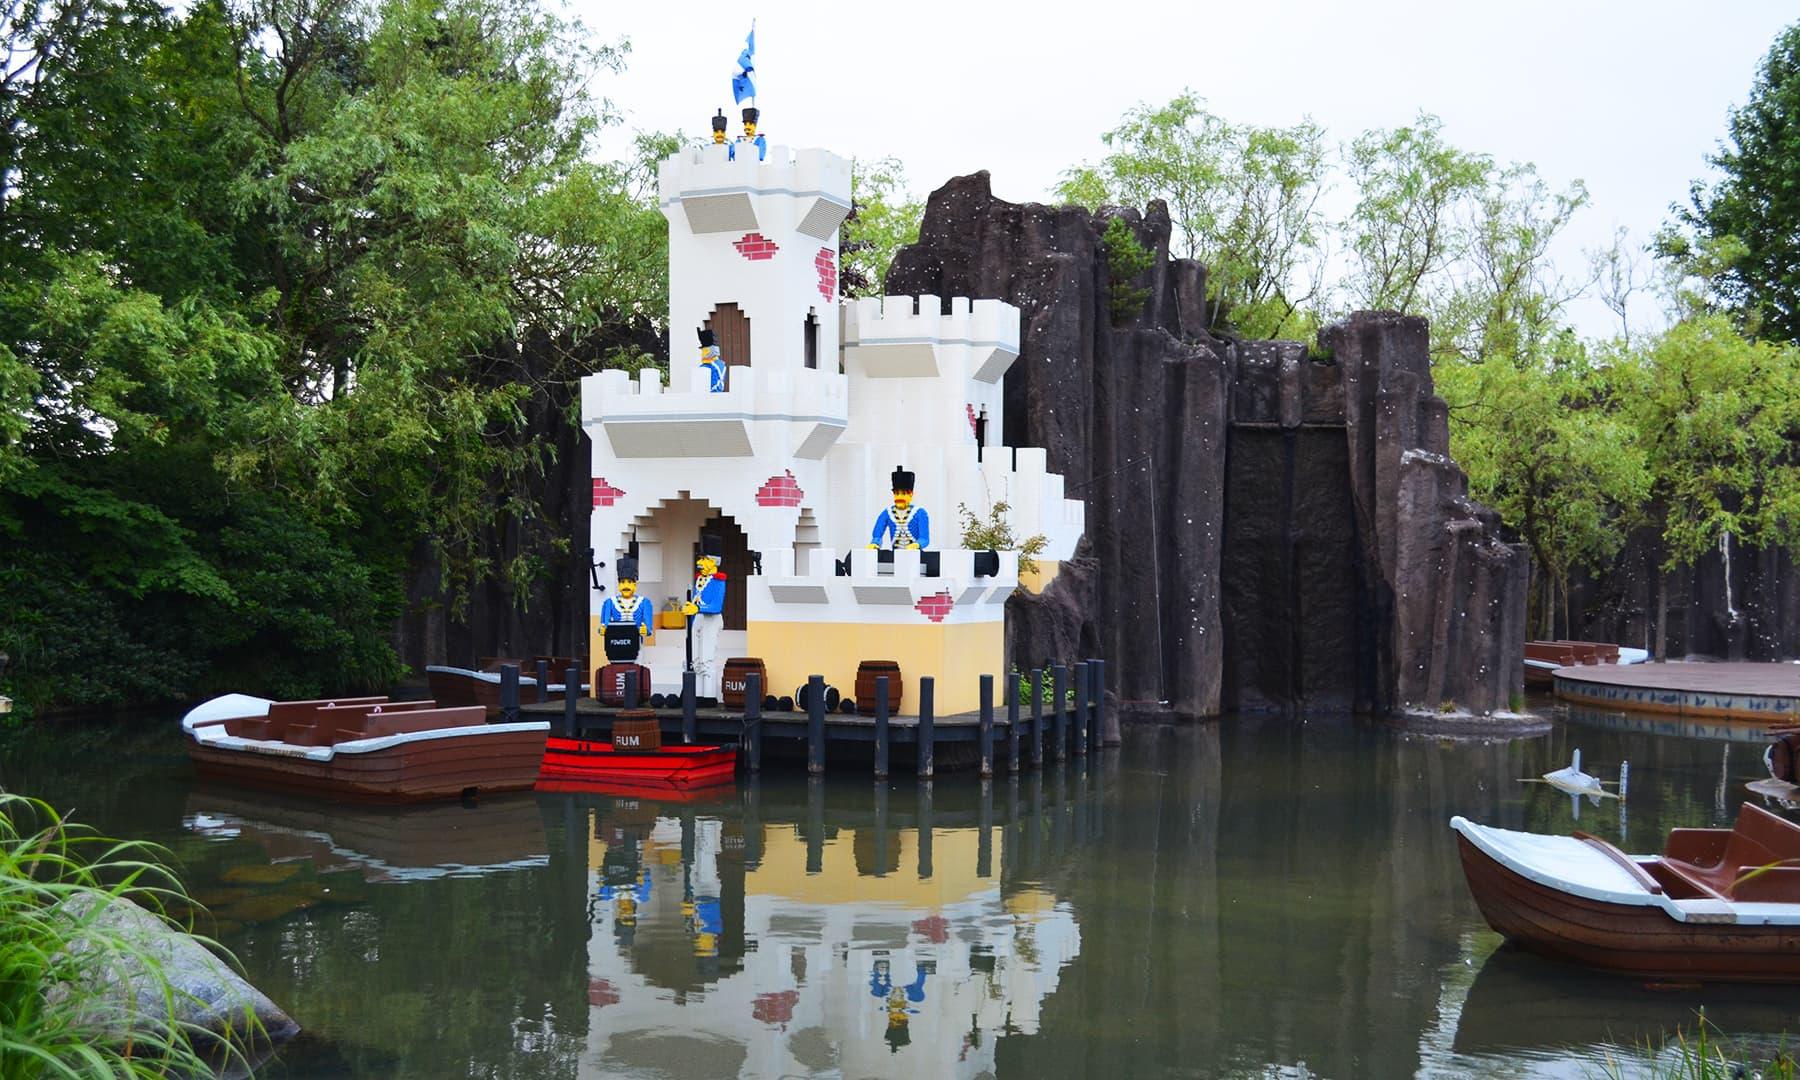 لیگو لینڈ میں دنیا کے مختلف شہروں کی عکاسی کے لیے لیگو استعمال کیے ہیں — تصویر رمضان رفیق